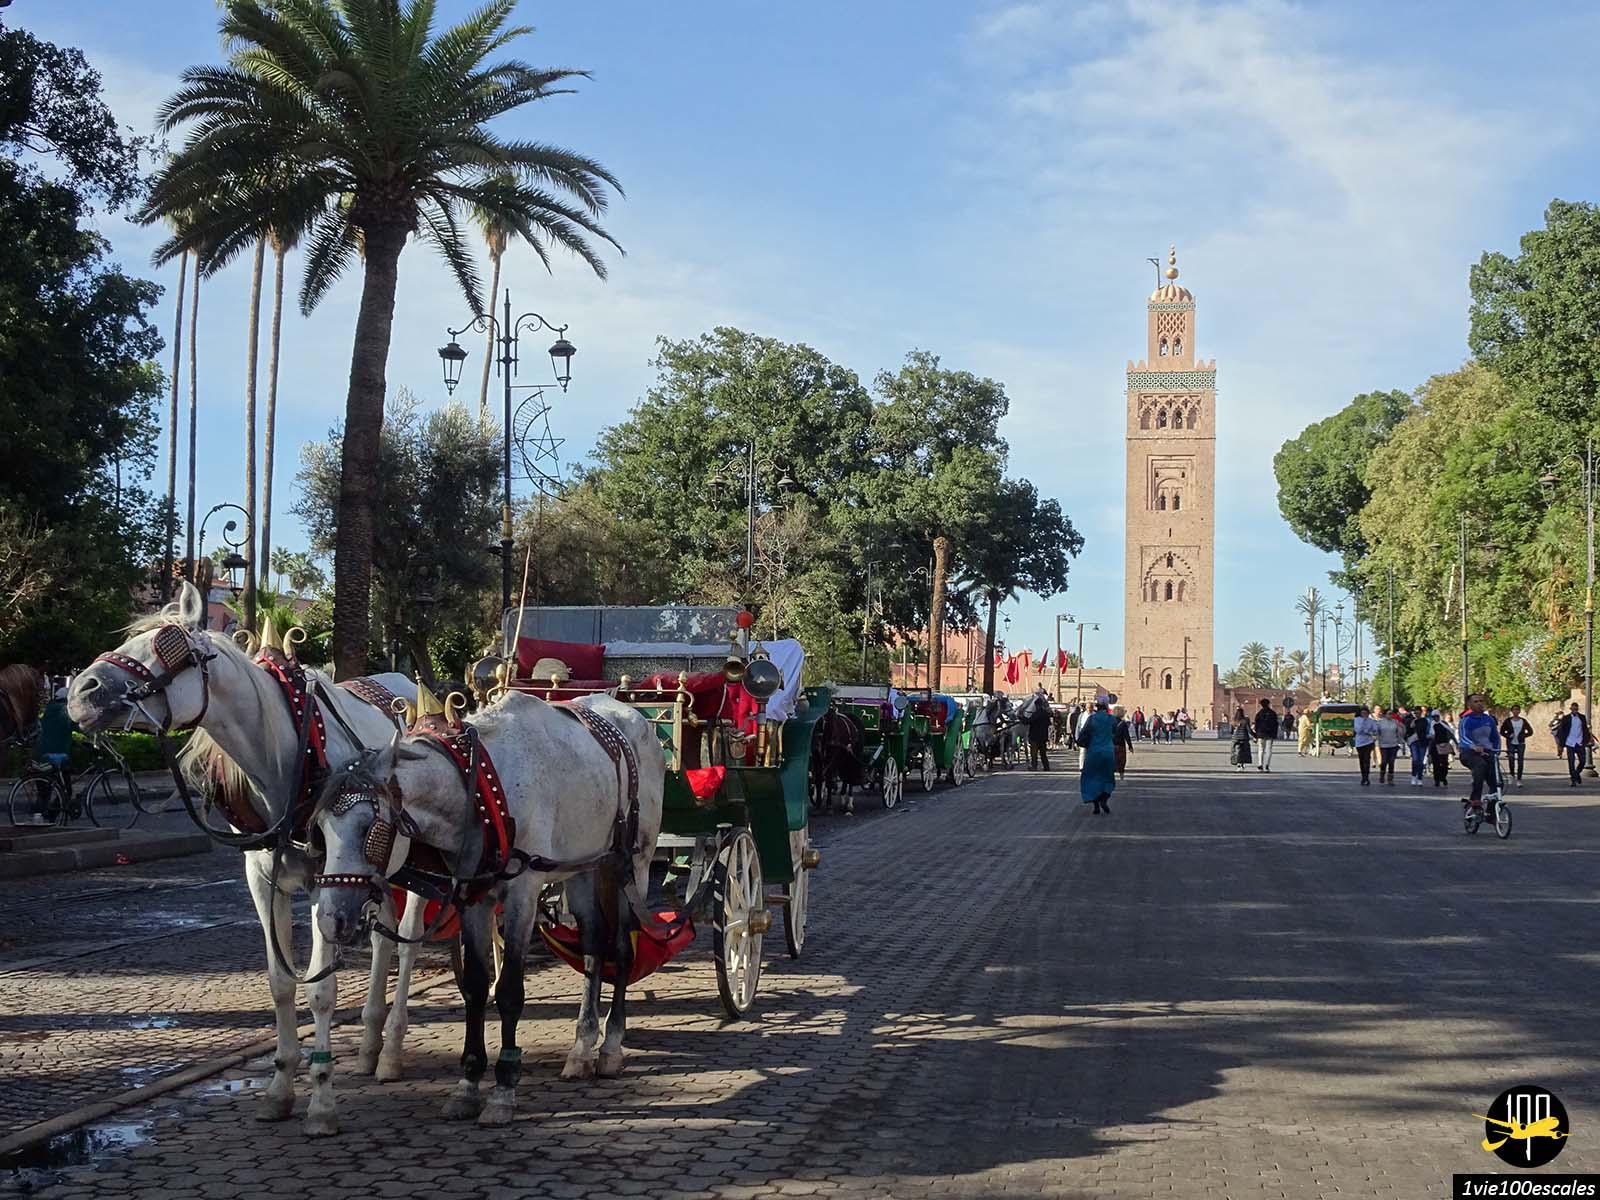 Escale #137 Marrakech